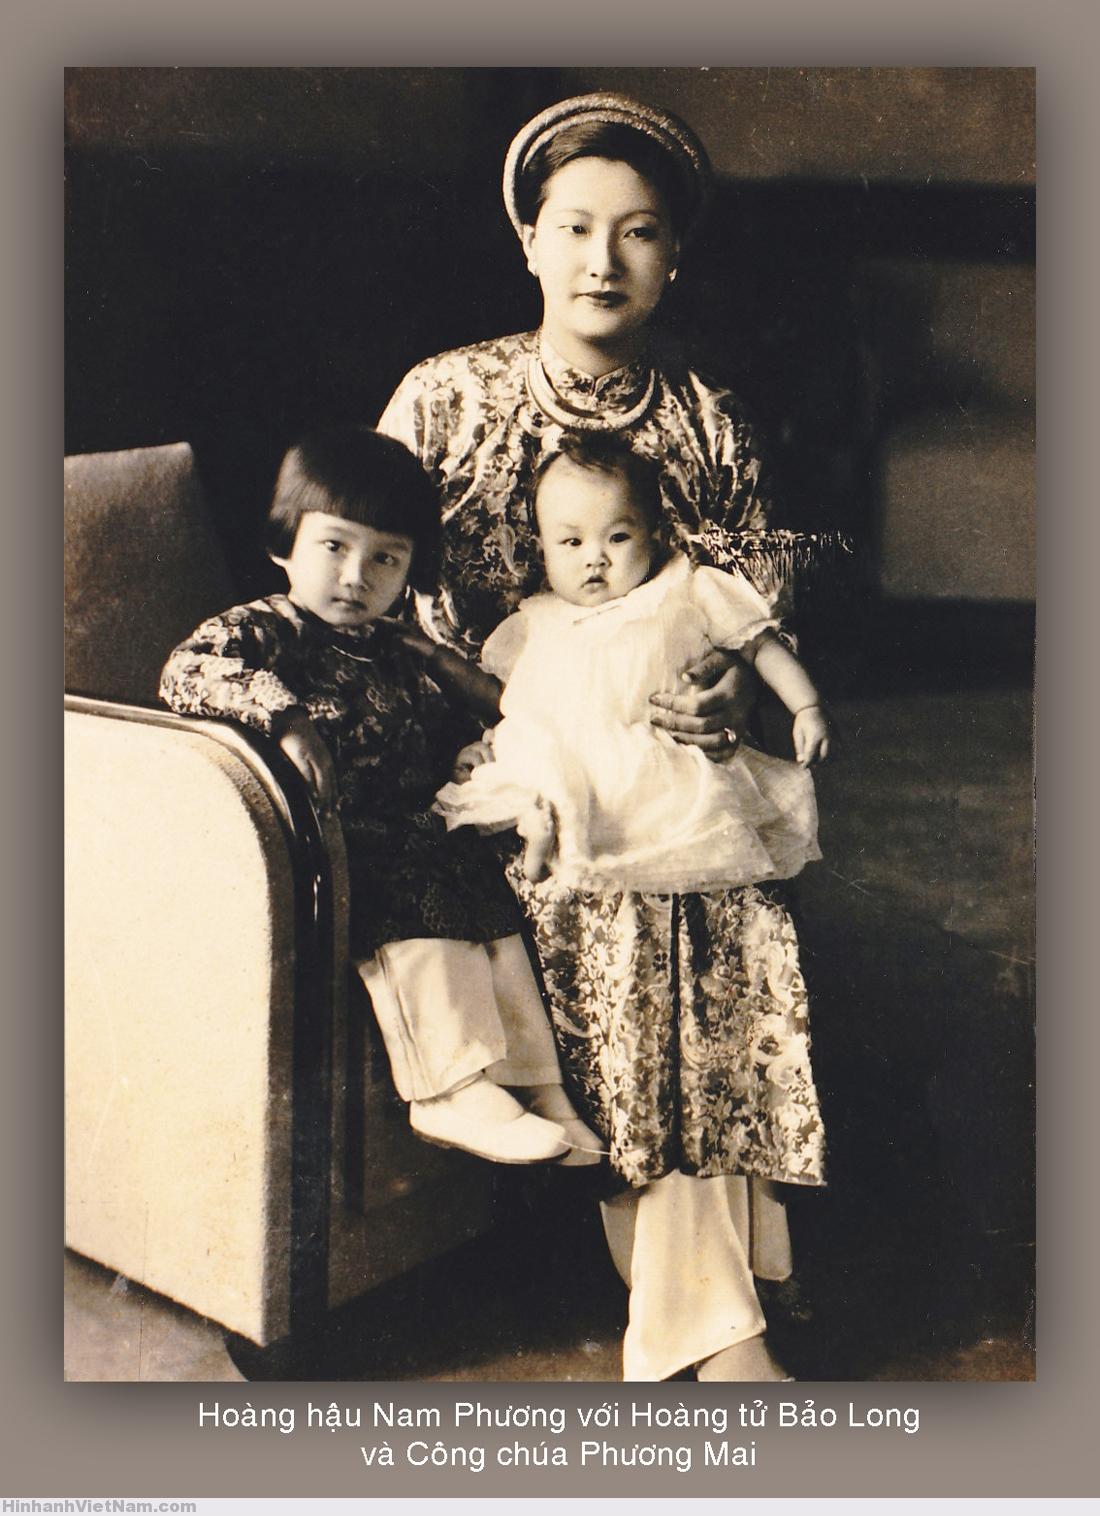 Hoàng hậu Nam Phương với Hoàng tử Bảo Long và Công chúa Phương Mai